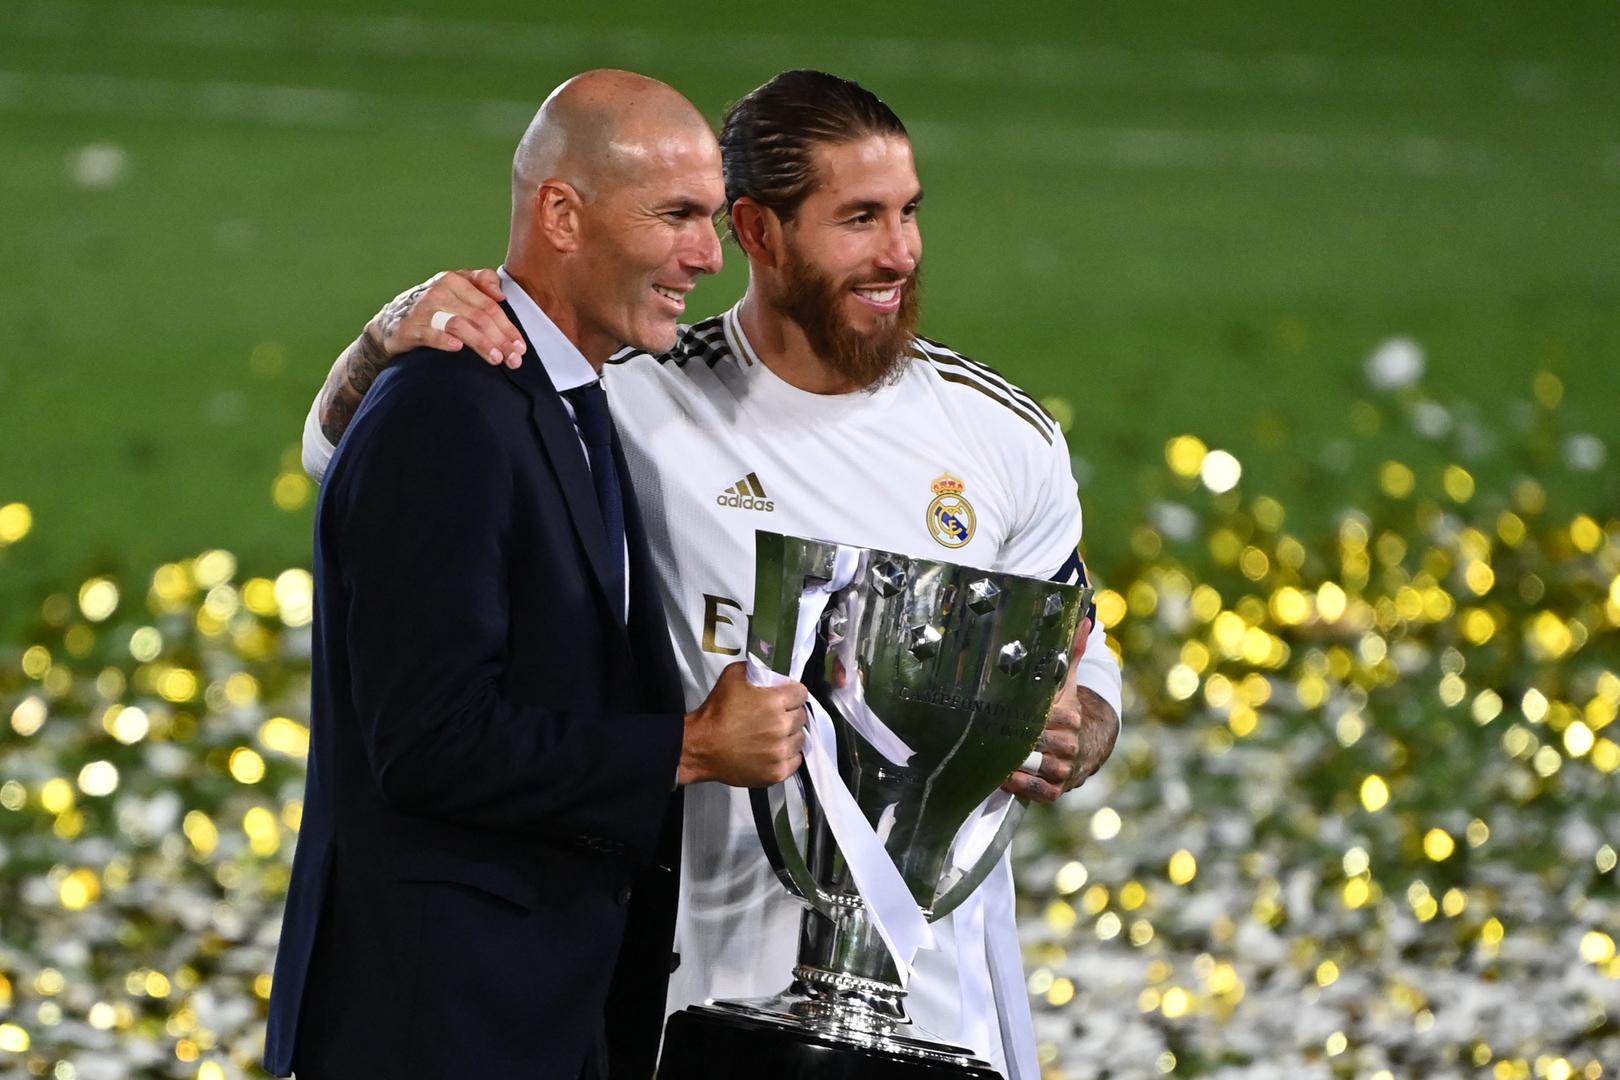 زيدان يوجه رسالة مؤثرة لراموس بعد رحيله عن ريال مدريد